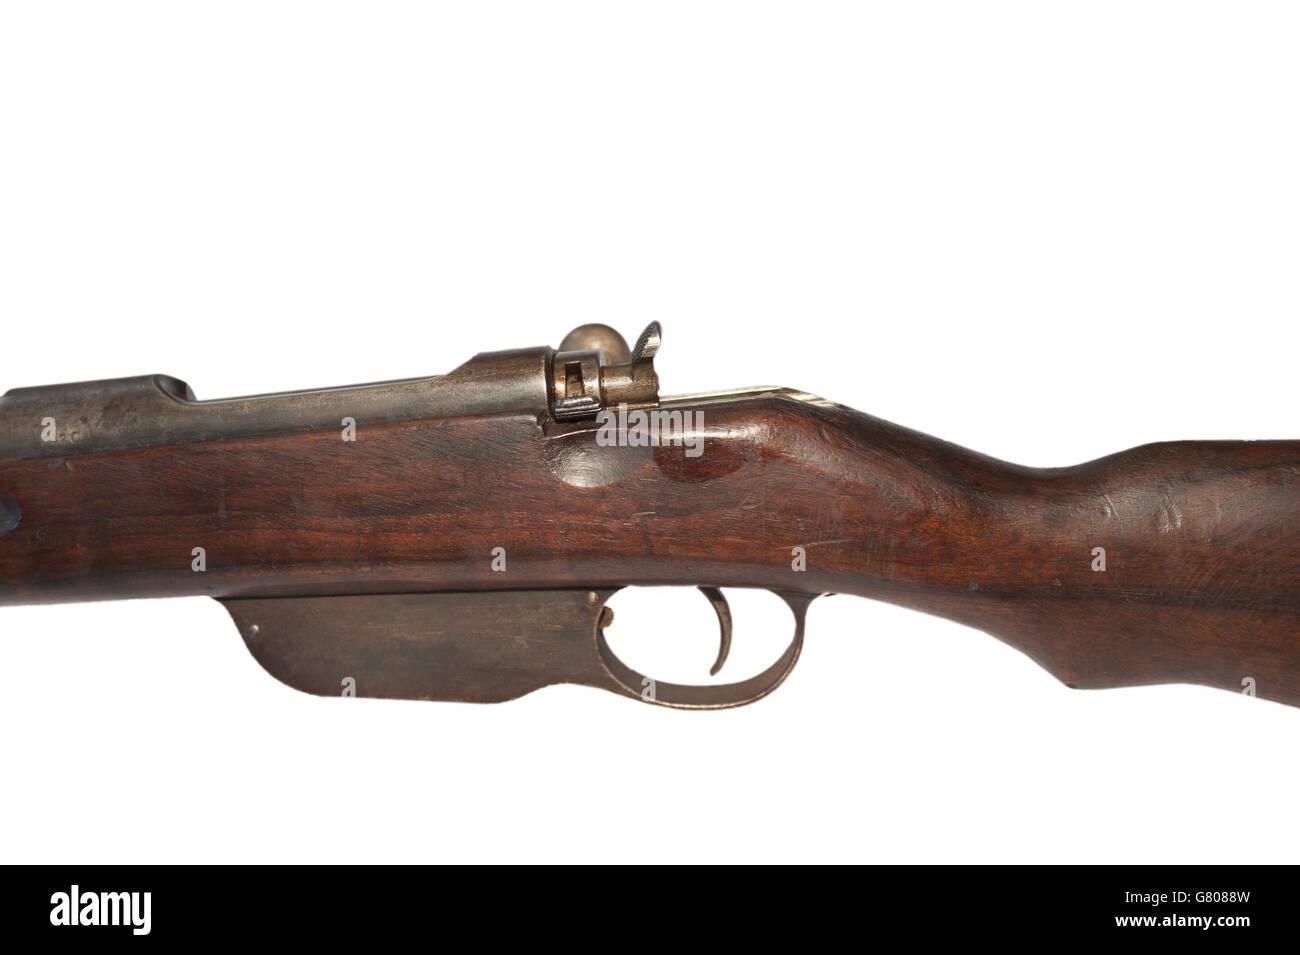 Rifle Steyr Mannlicher M1895 Stock Photo: 108185977 - Alamy